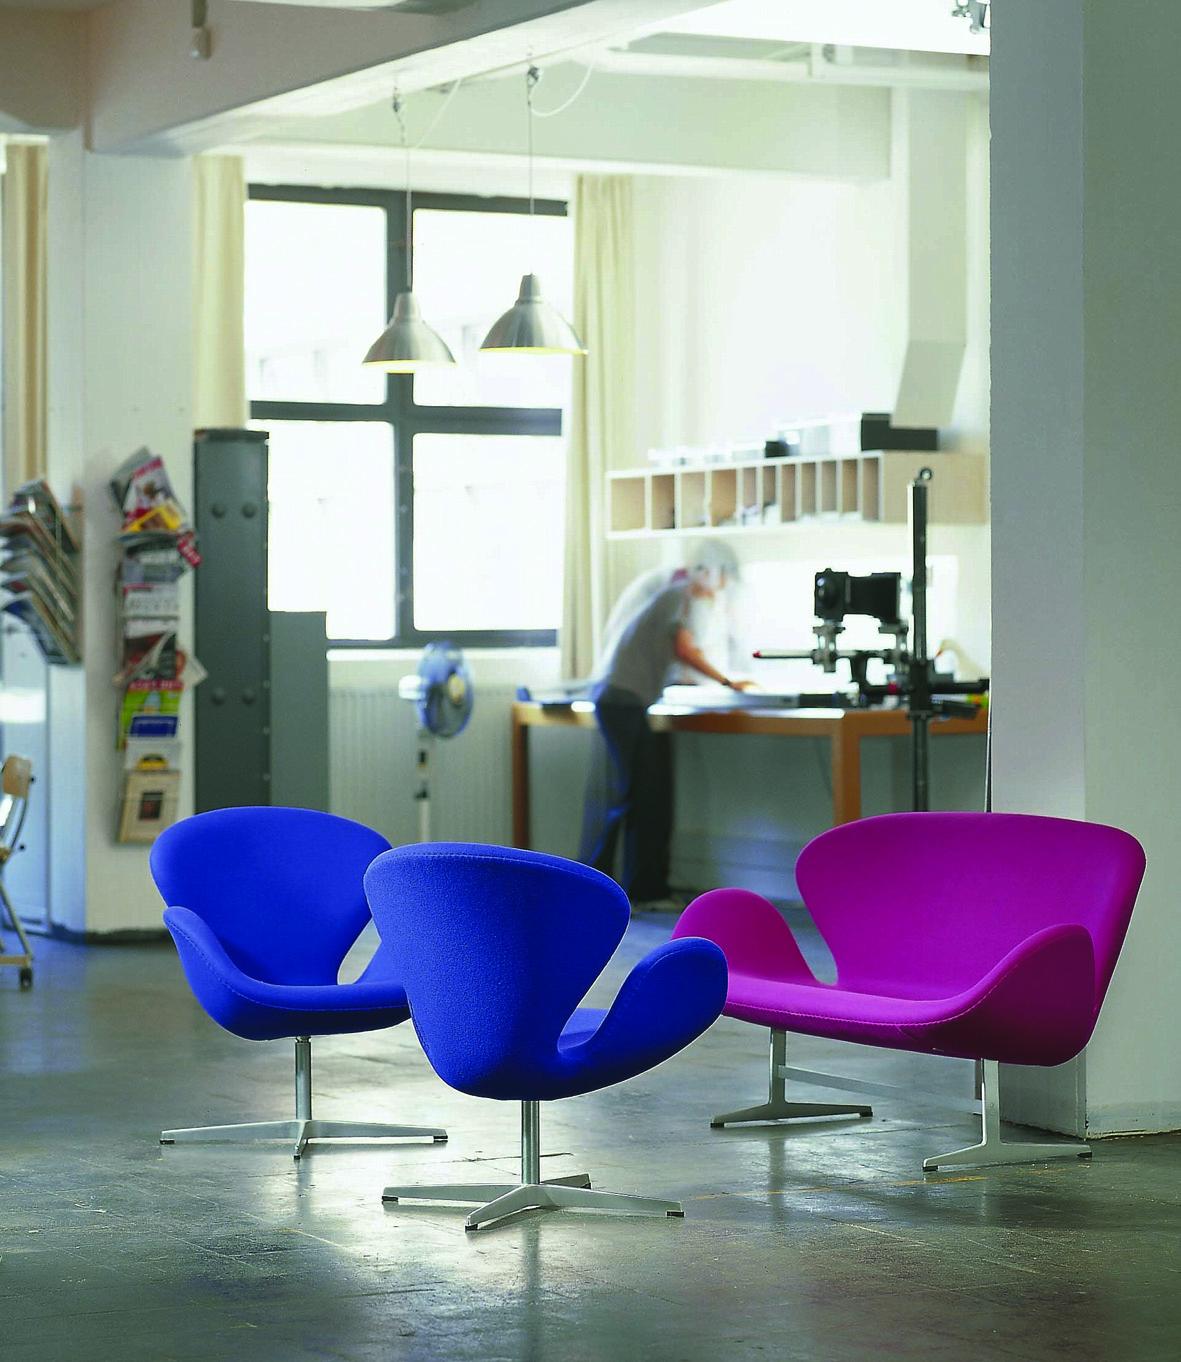 I due modelli 3321 3320 ossia la Swan chair e Swan sofà disegnati da Arne Jacobsen del 1957.